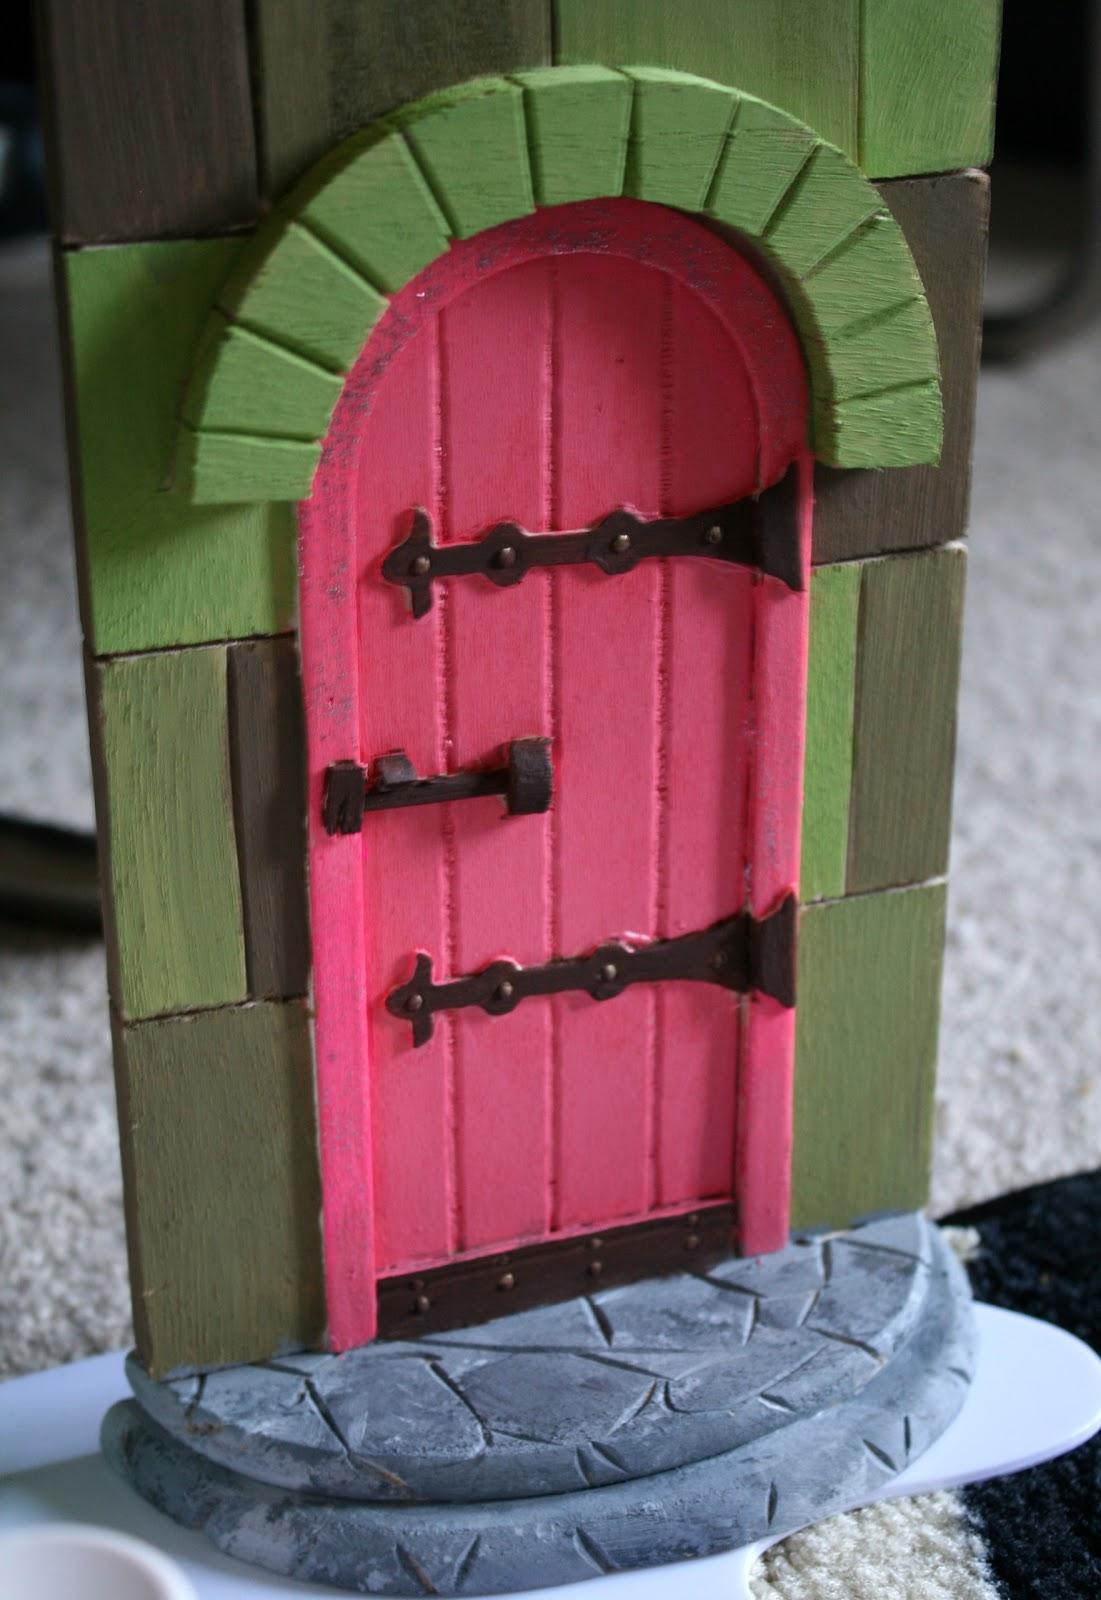 La vie diy diy fairy doors for Fairy doors images